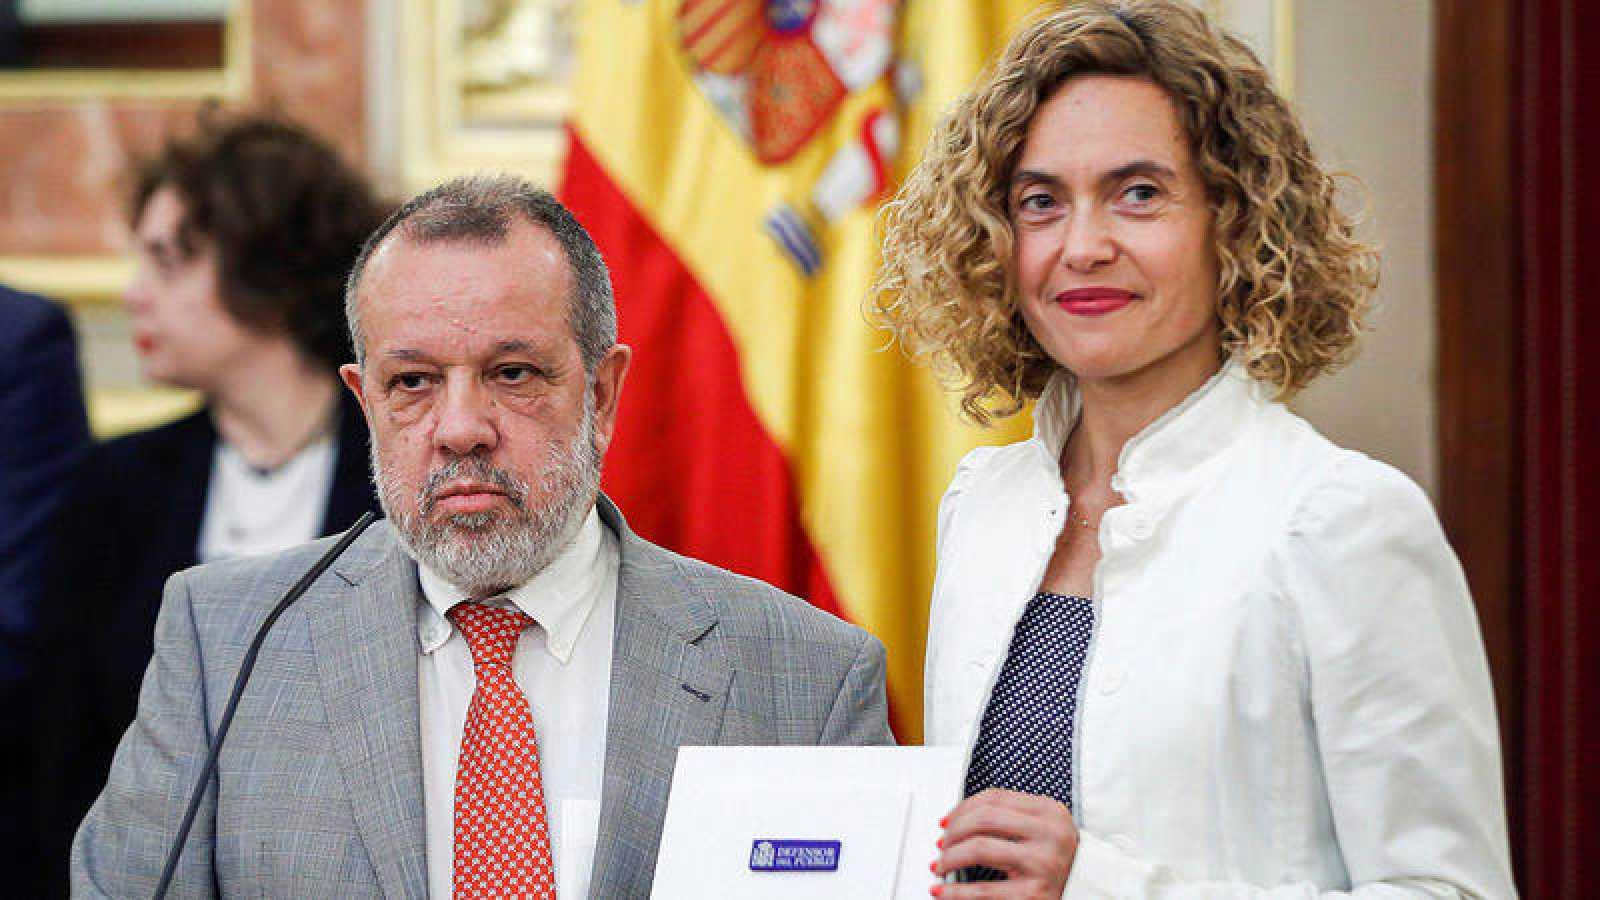 El defensor del Pueblo en funciones, Francisco Fernández Marugán, entrega a la presidenta del Congreso, Meritxell Batet, el Informe Anual 2018.